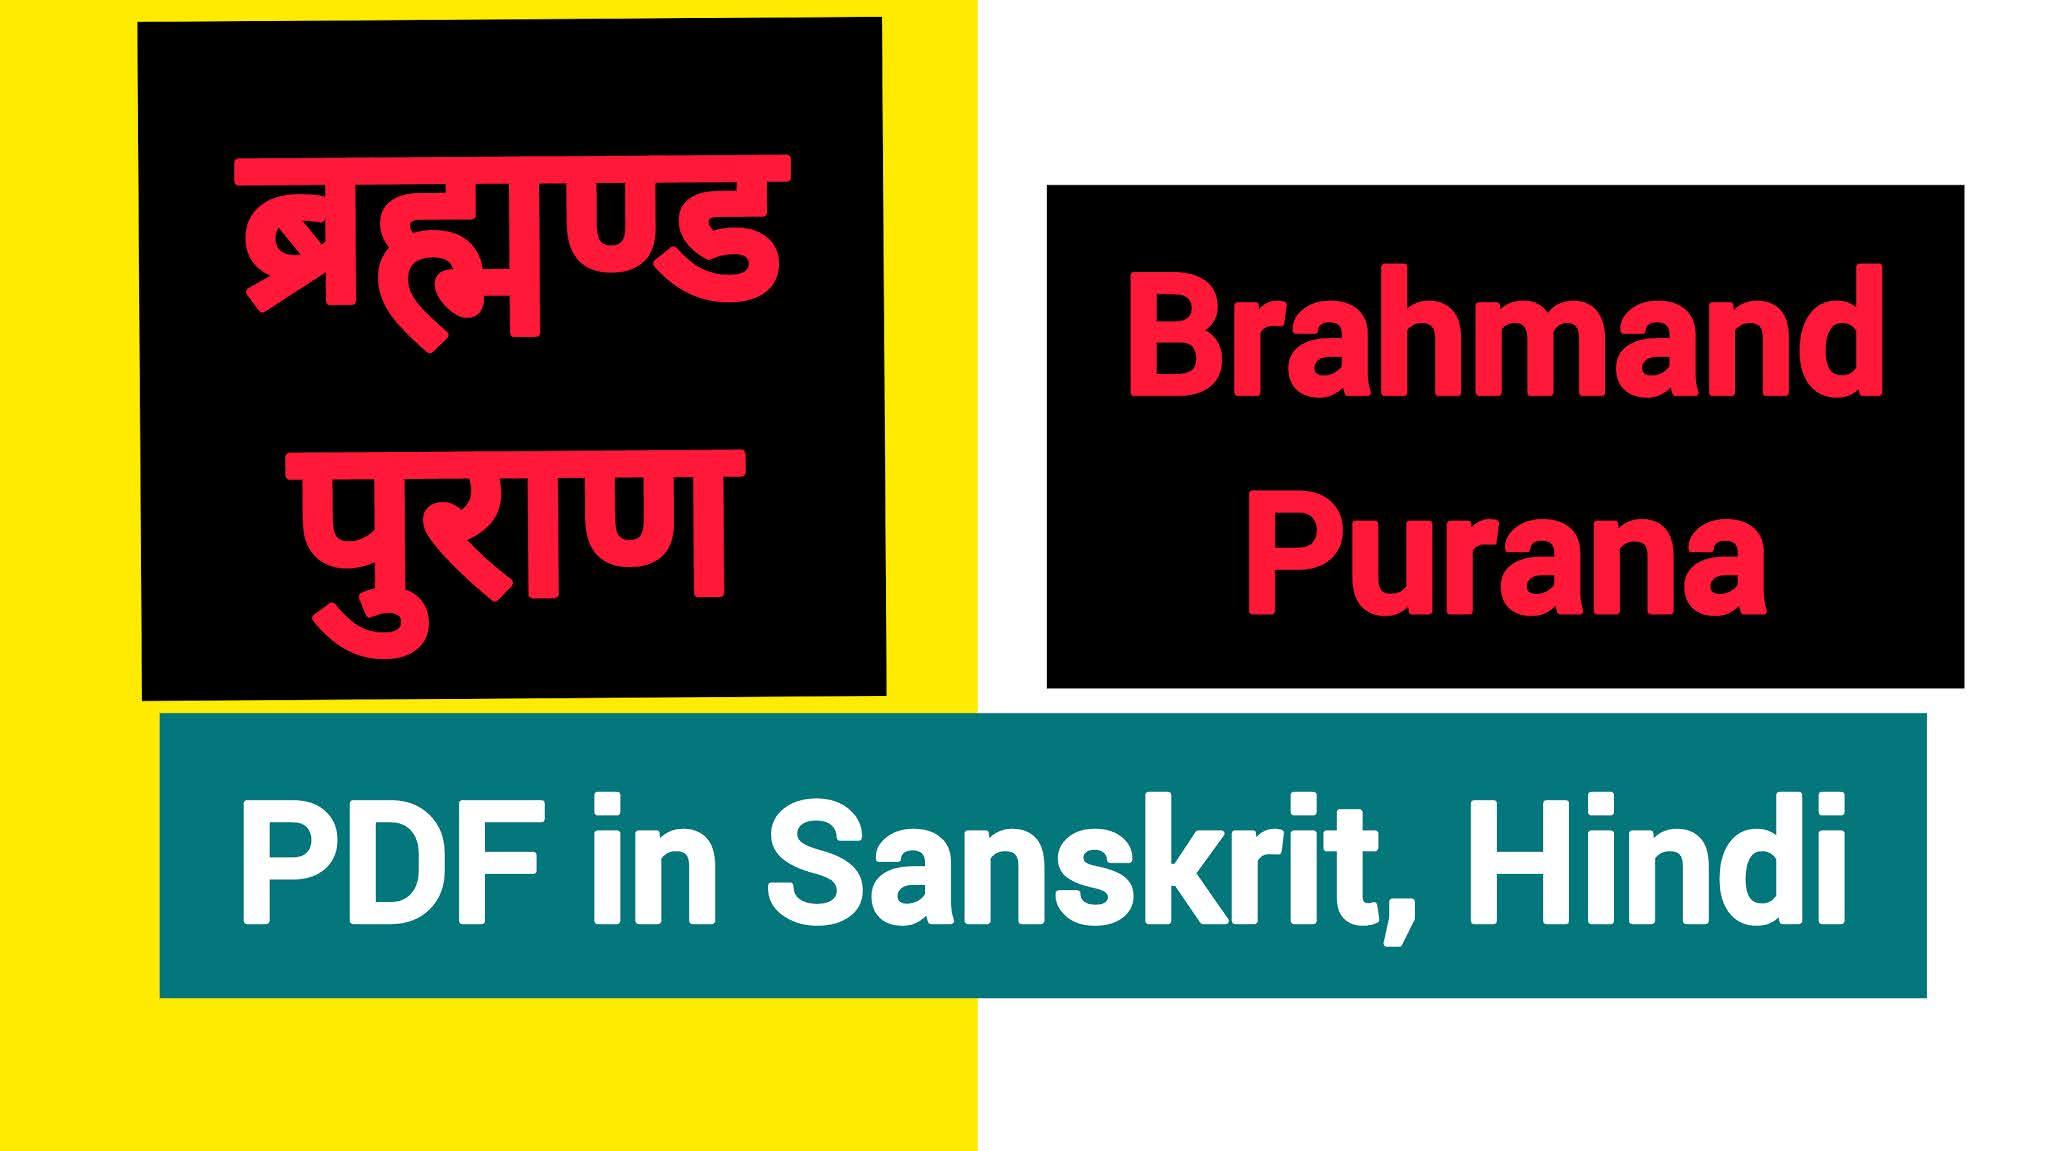 Brahmand Purana PDF